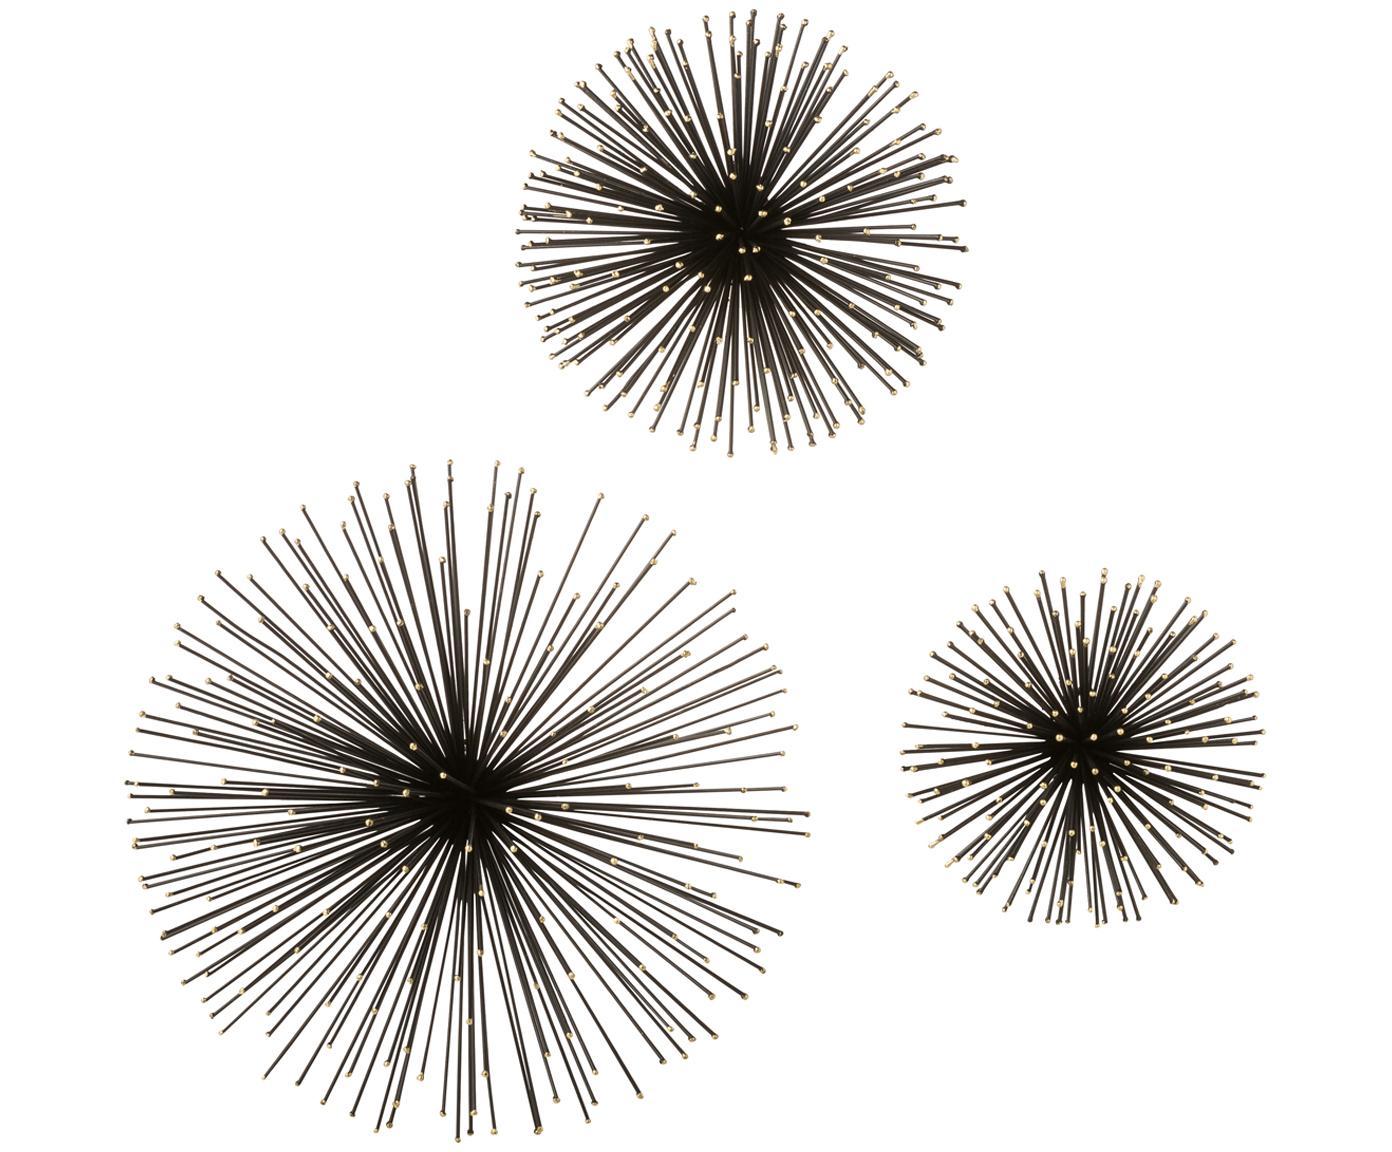 Wandobjectenset Spike, 3-delig, Metaal, Zwart, Verschillende formaten